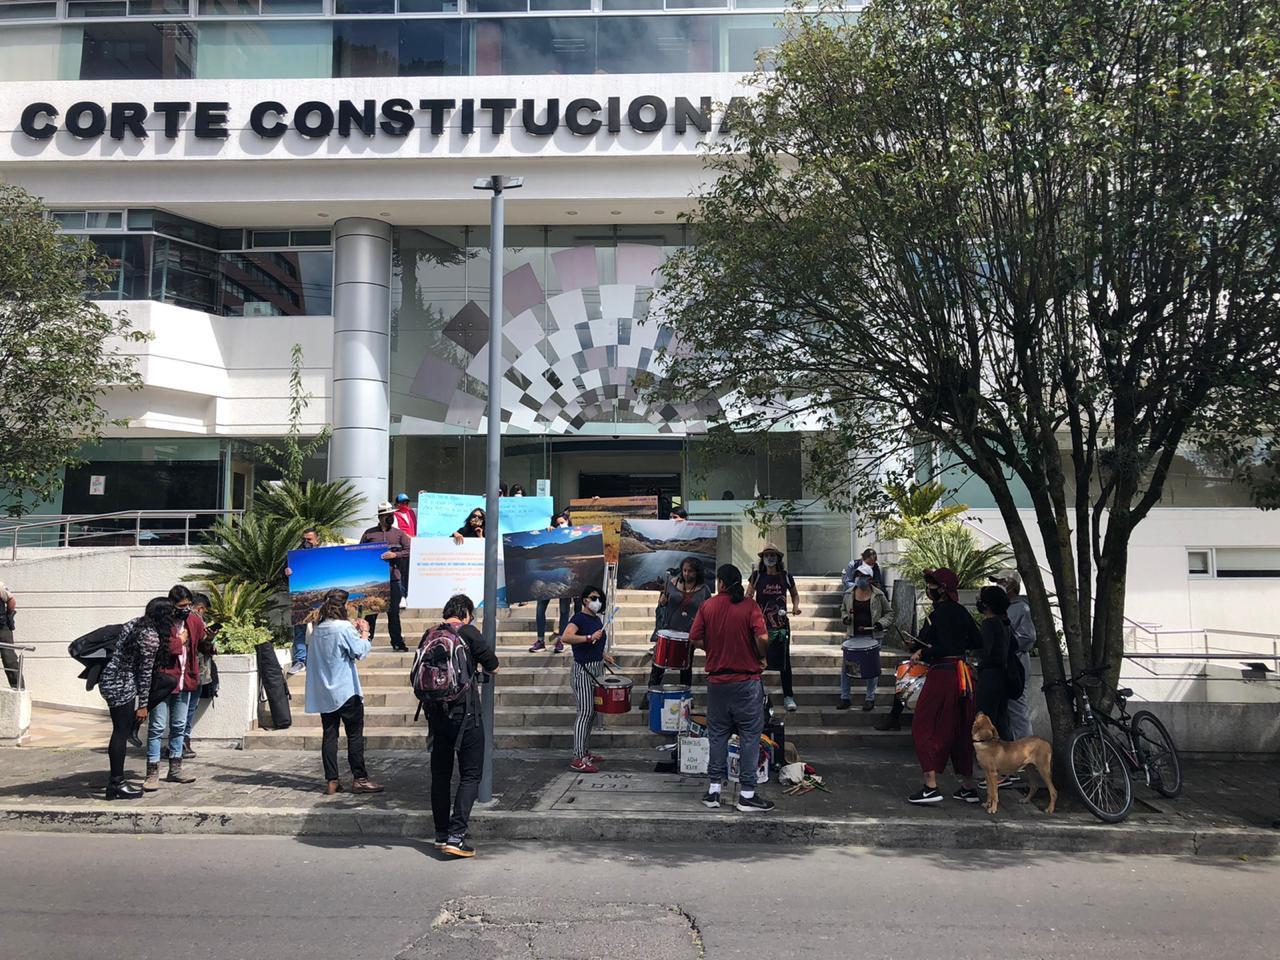 Consulta popular Cuenca. La solicitud entregada en la Corte Constitucional está respaldada por diversos colectivos de defensa ambiental. Fotografía de Kim Baert.